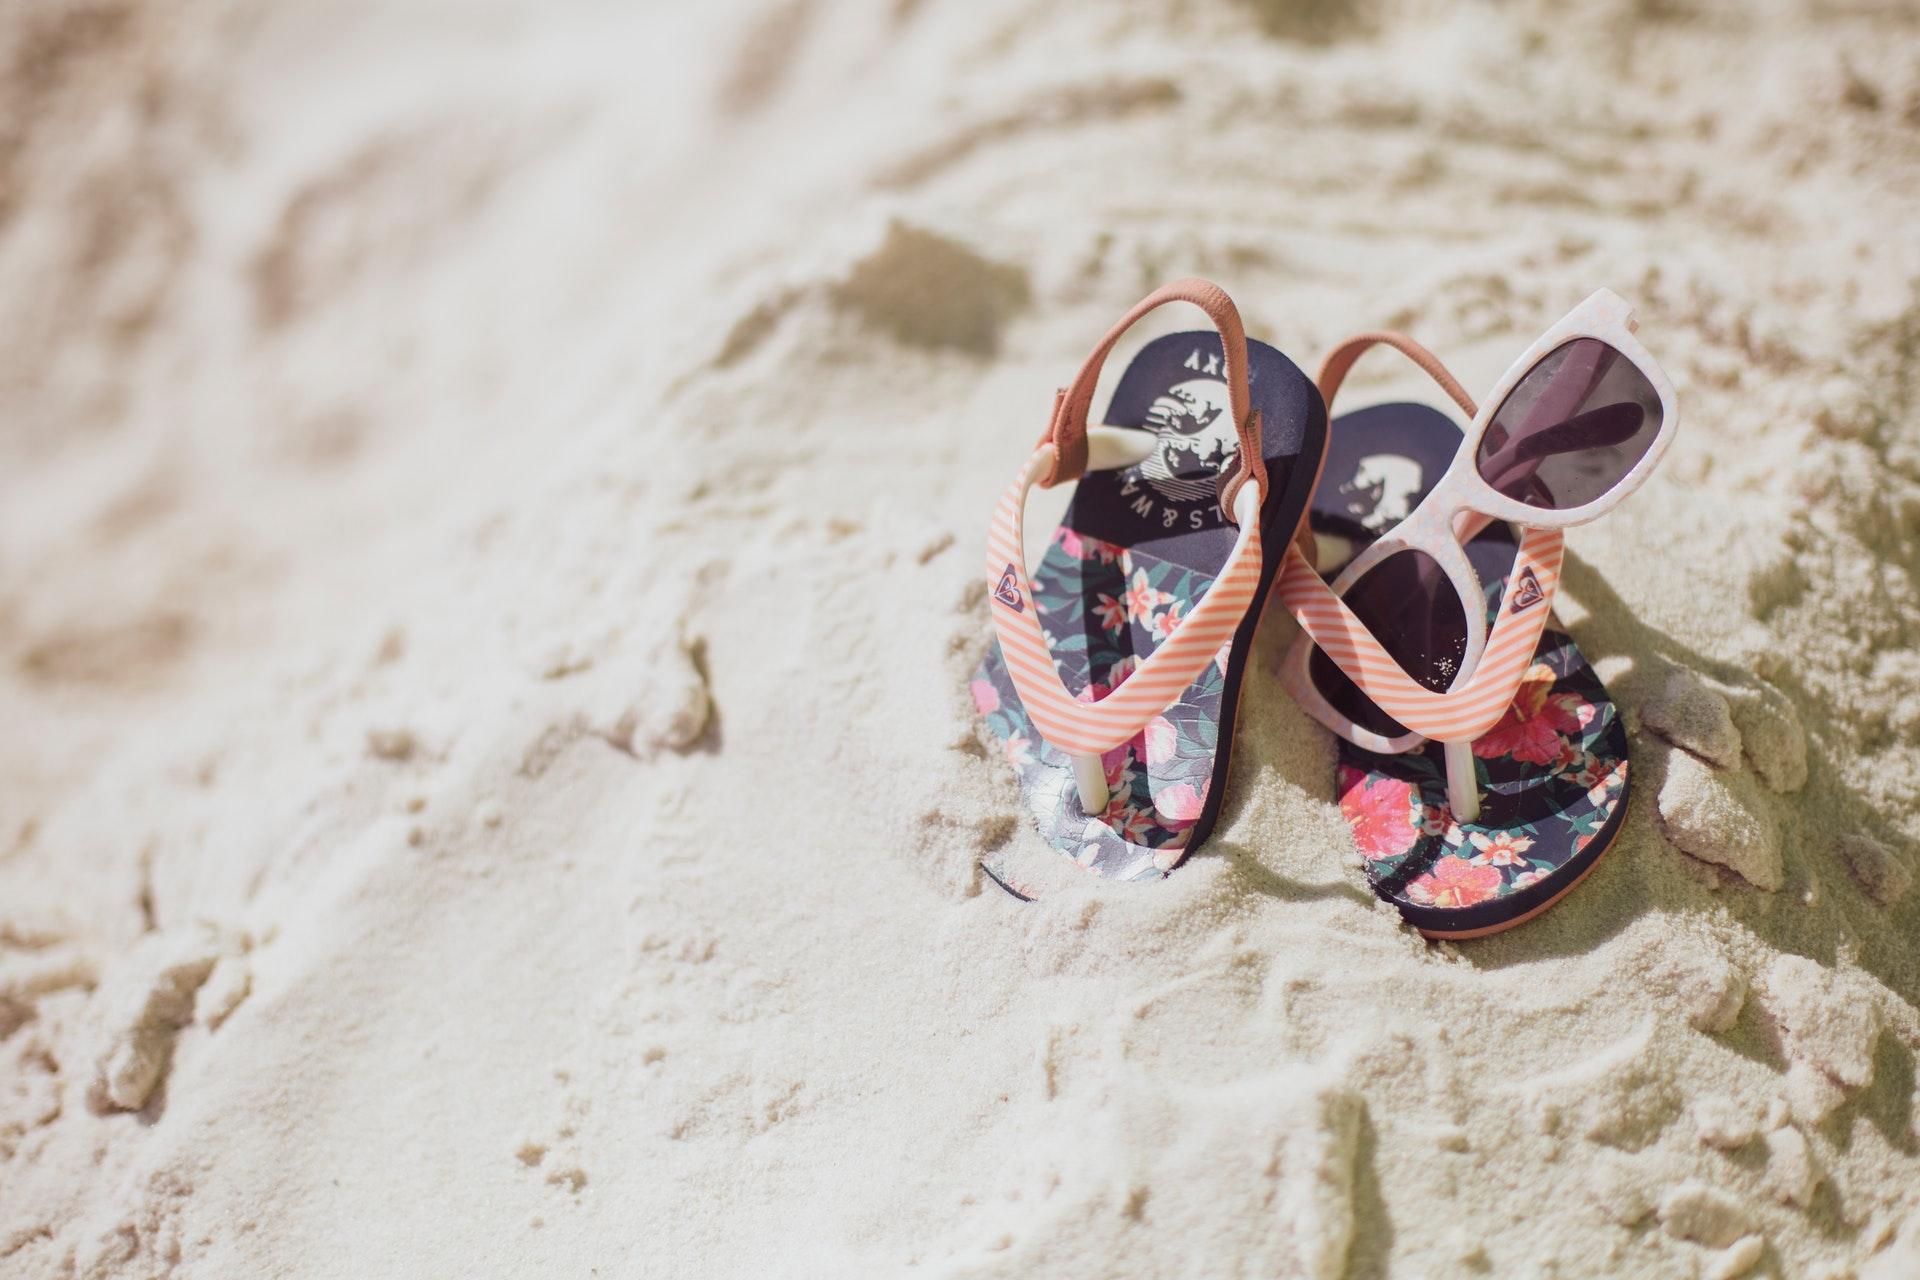 baby-shoes-beach-child-1712844.jpg